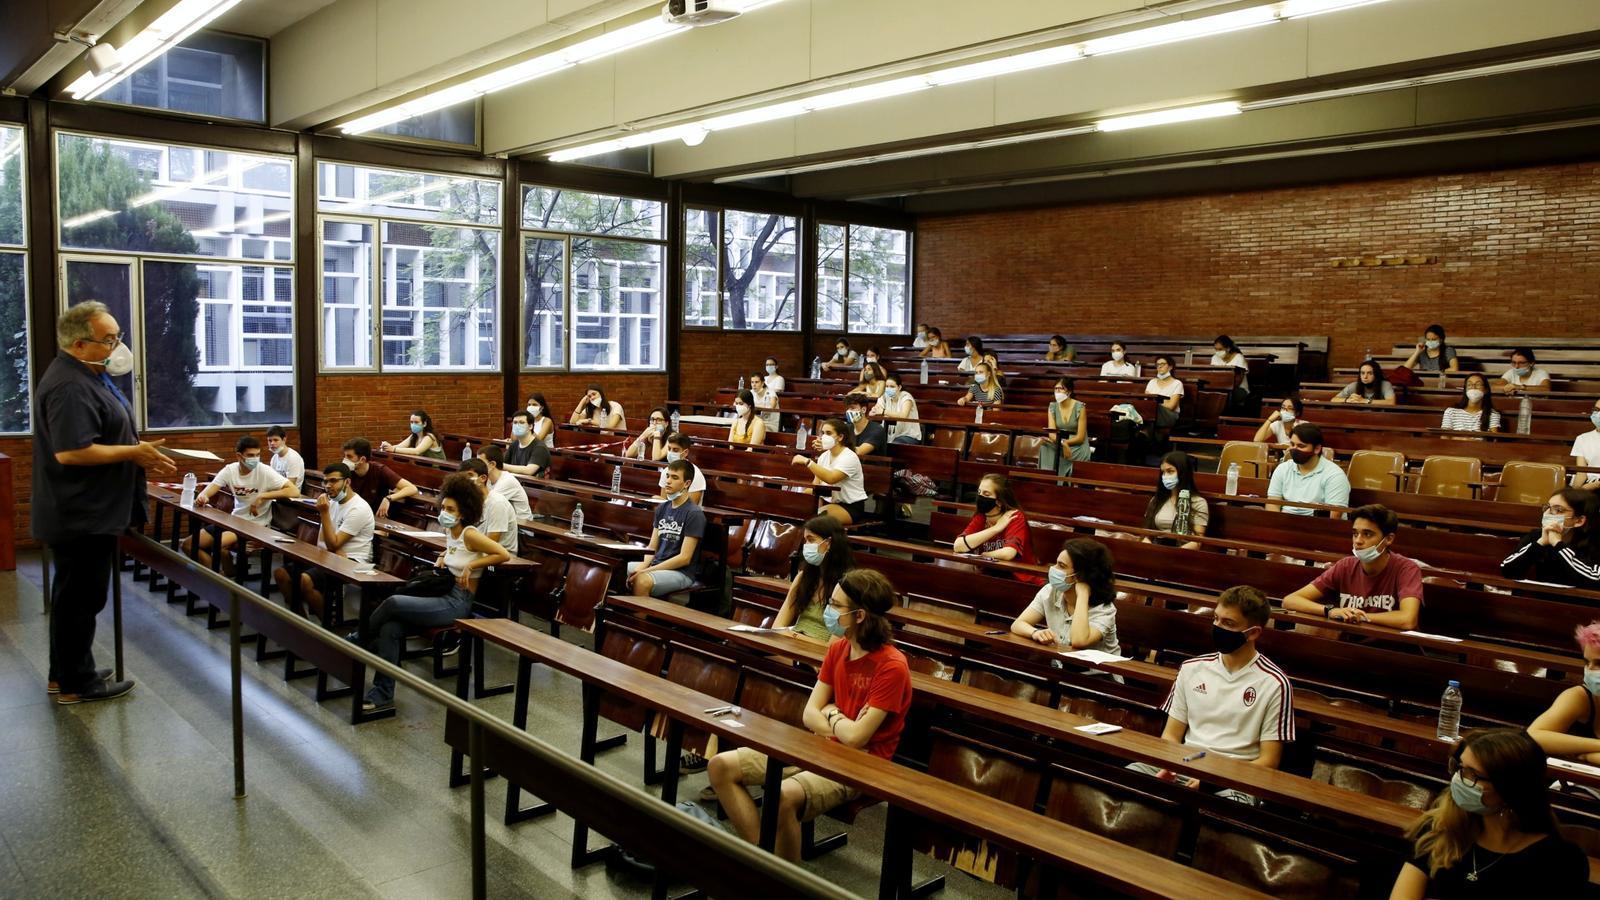 Estudiants durant un examen de les PAU, a la Facultat d'Economia i Empresa de la UB, aquest dimarts.